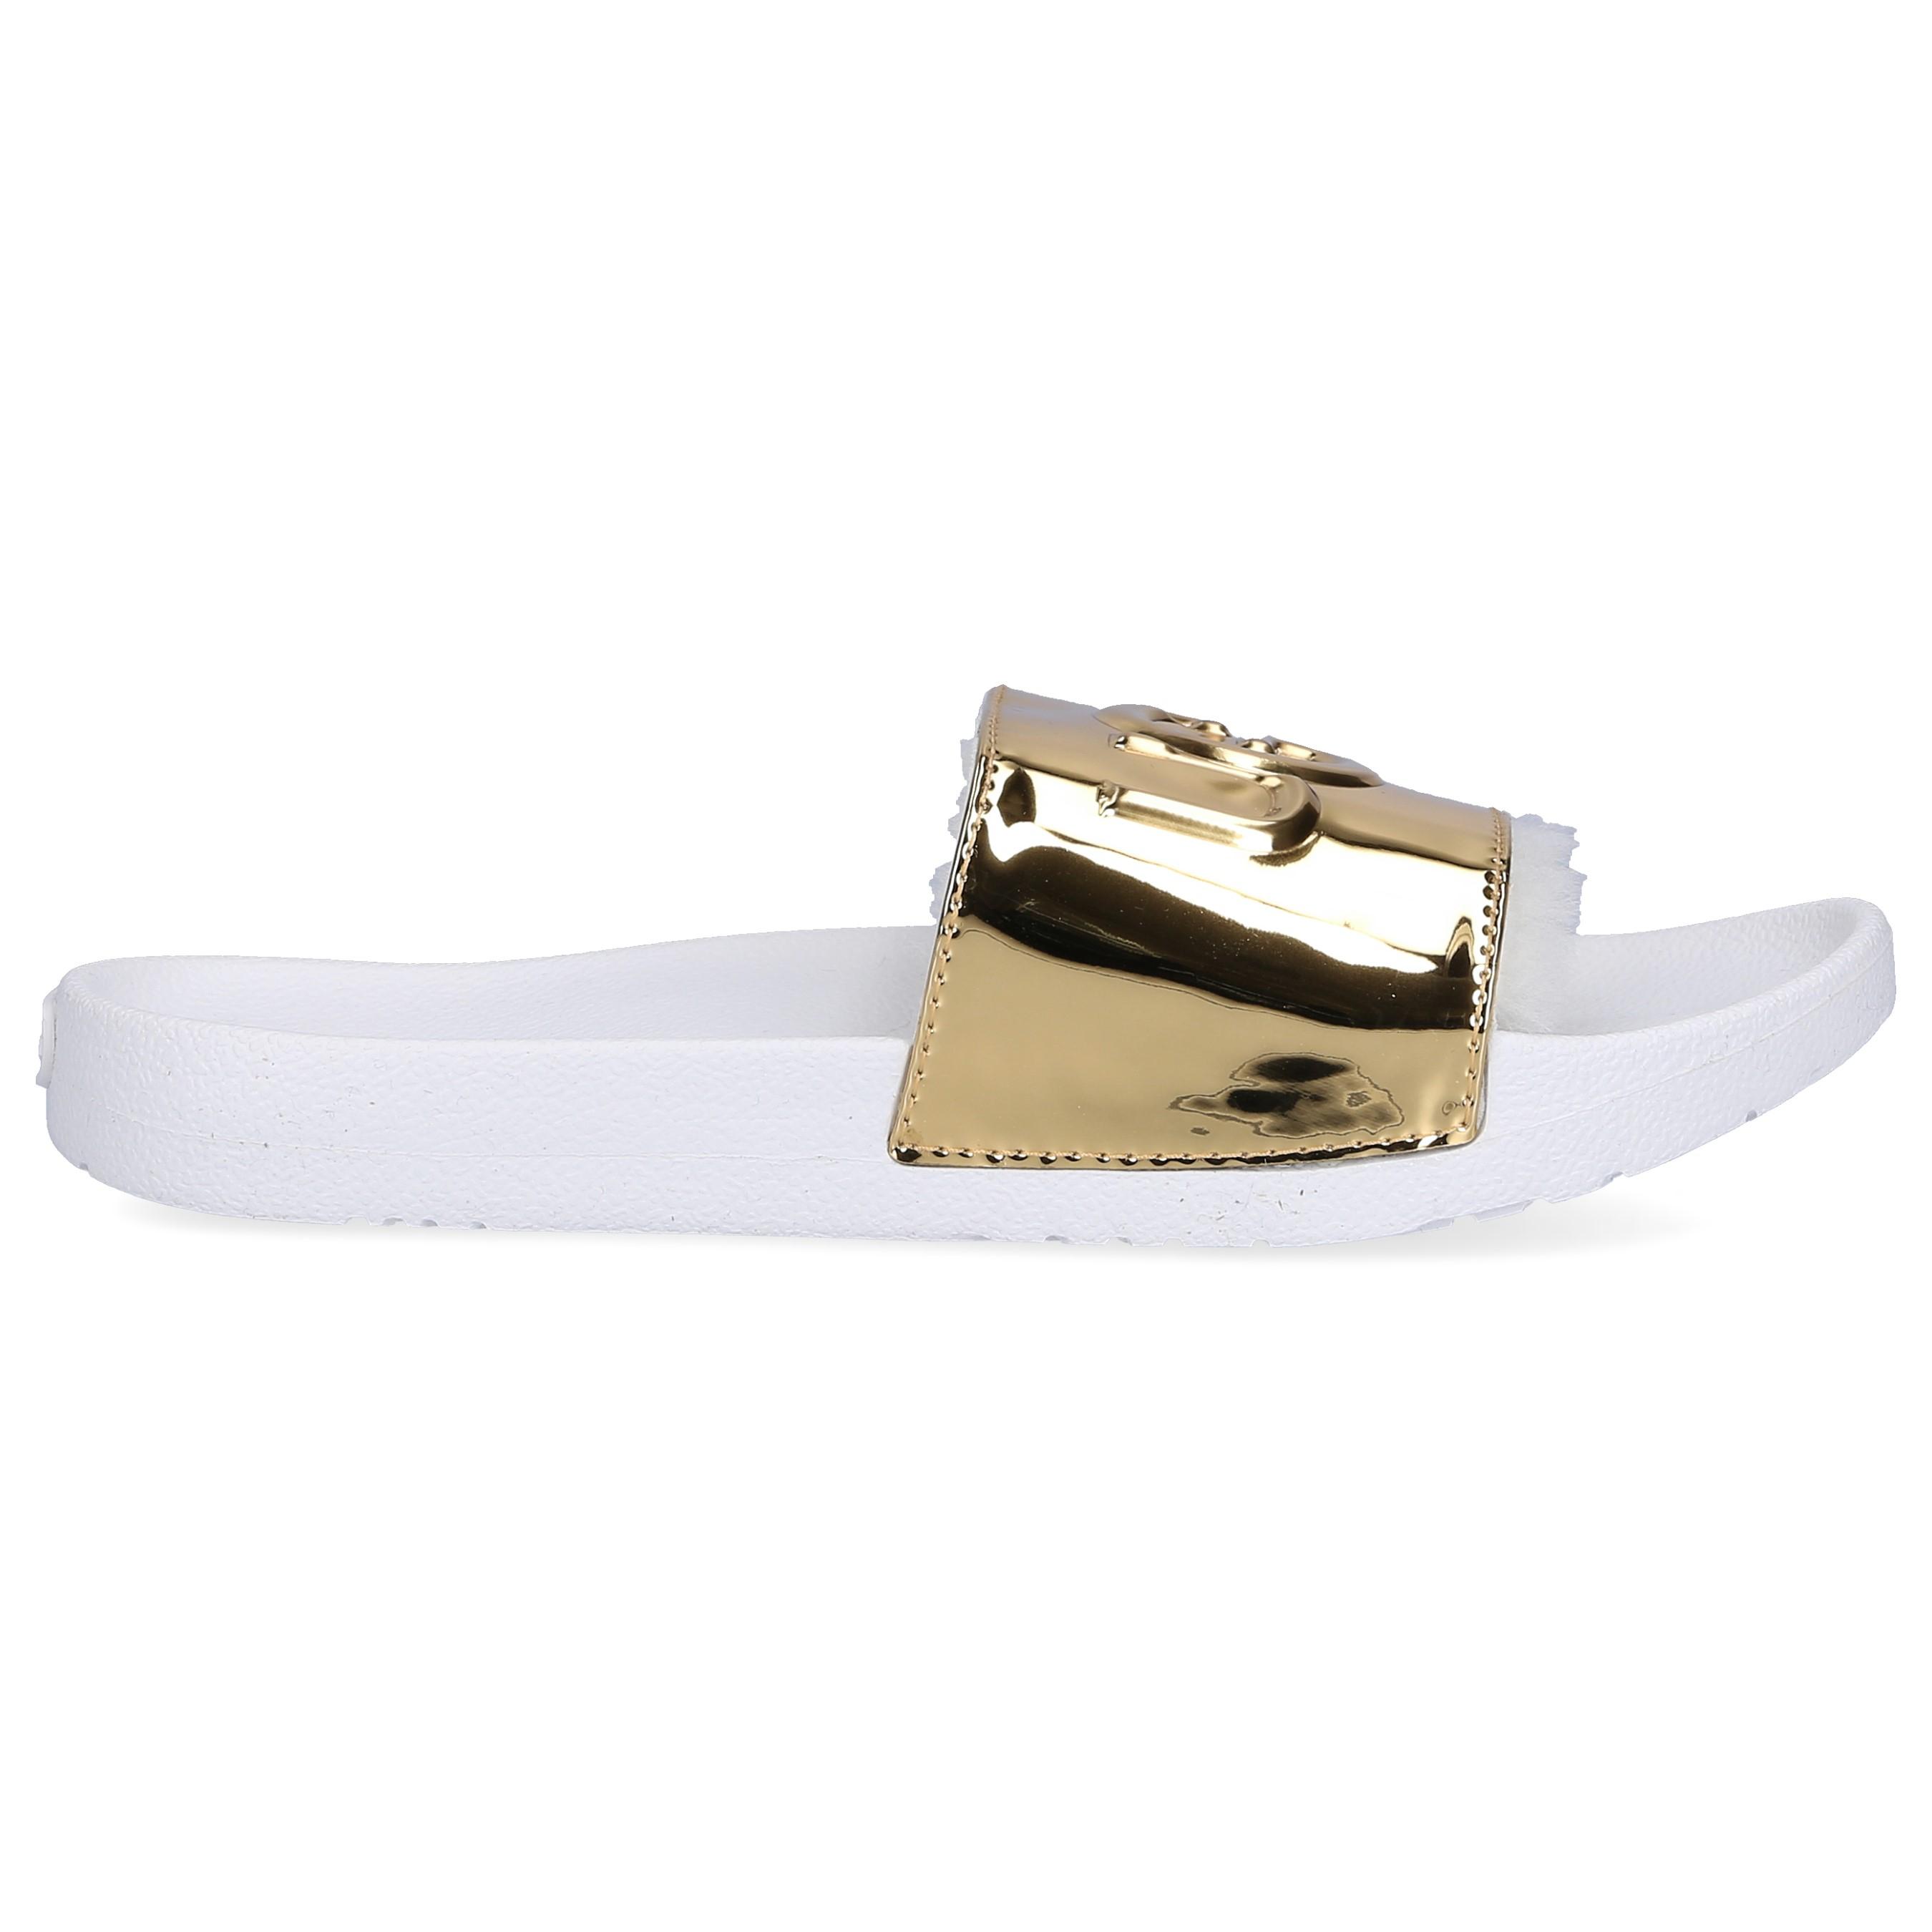 UGG Sandalen ROYALE Lackleder Logo gold weiß